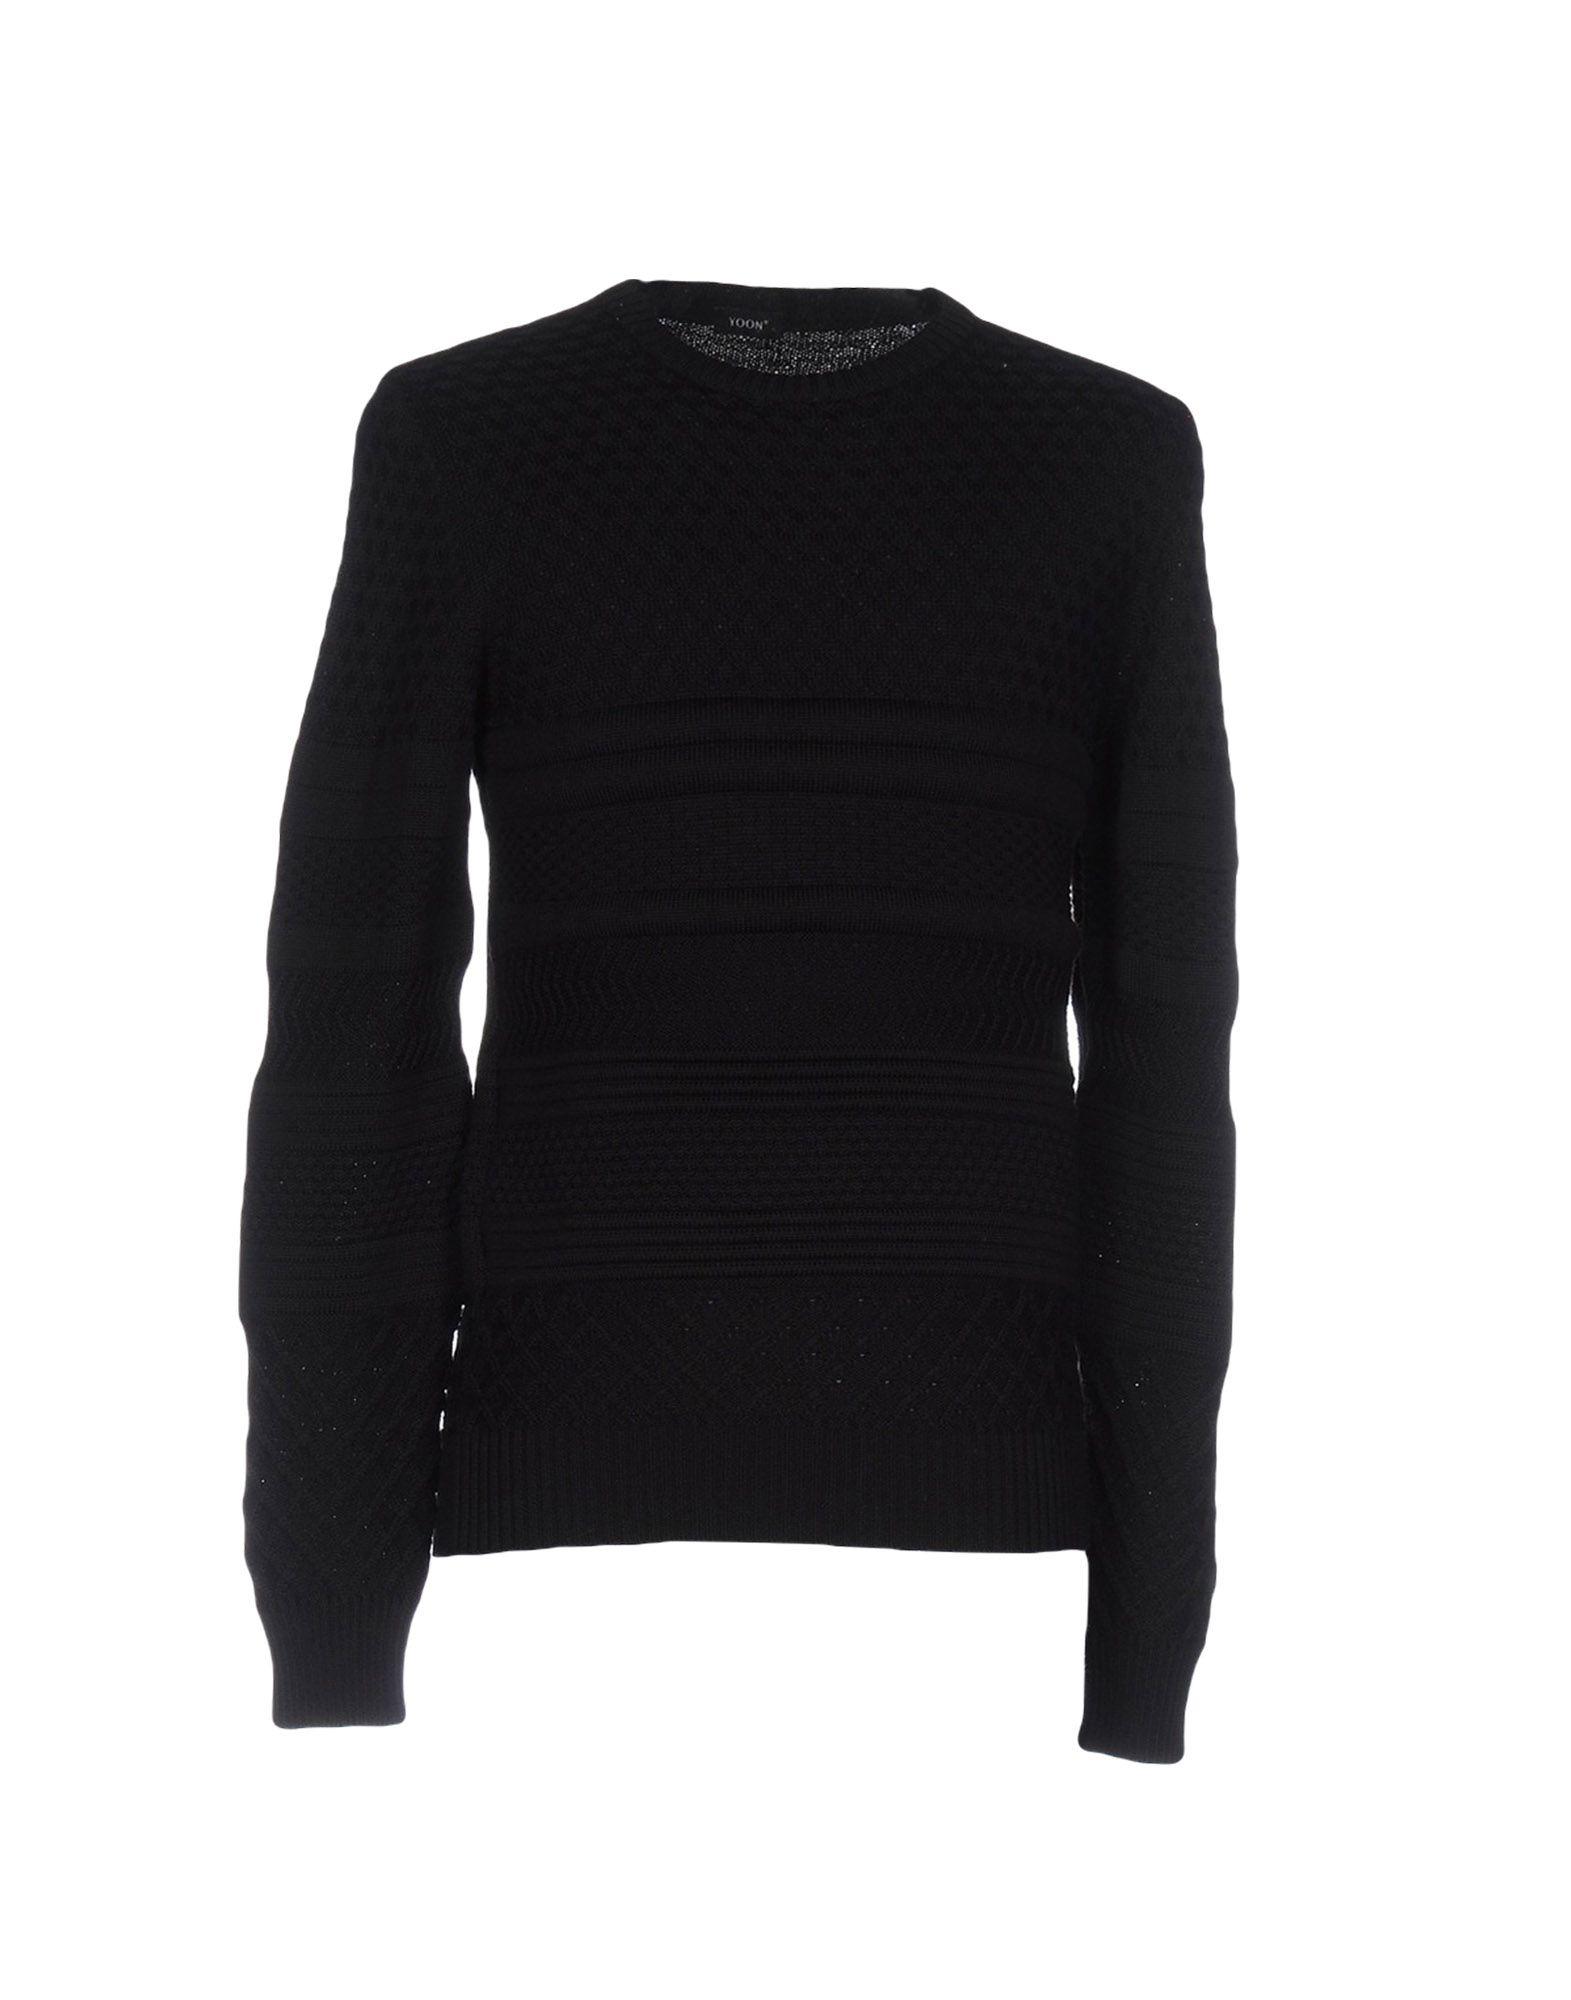 YOON Herren Pullover Farbe Schwarz Größe 6 jetztbilligerkaufen